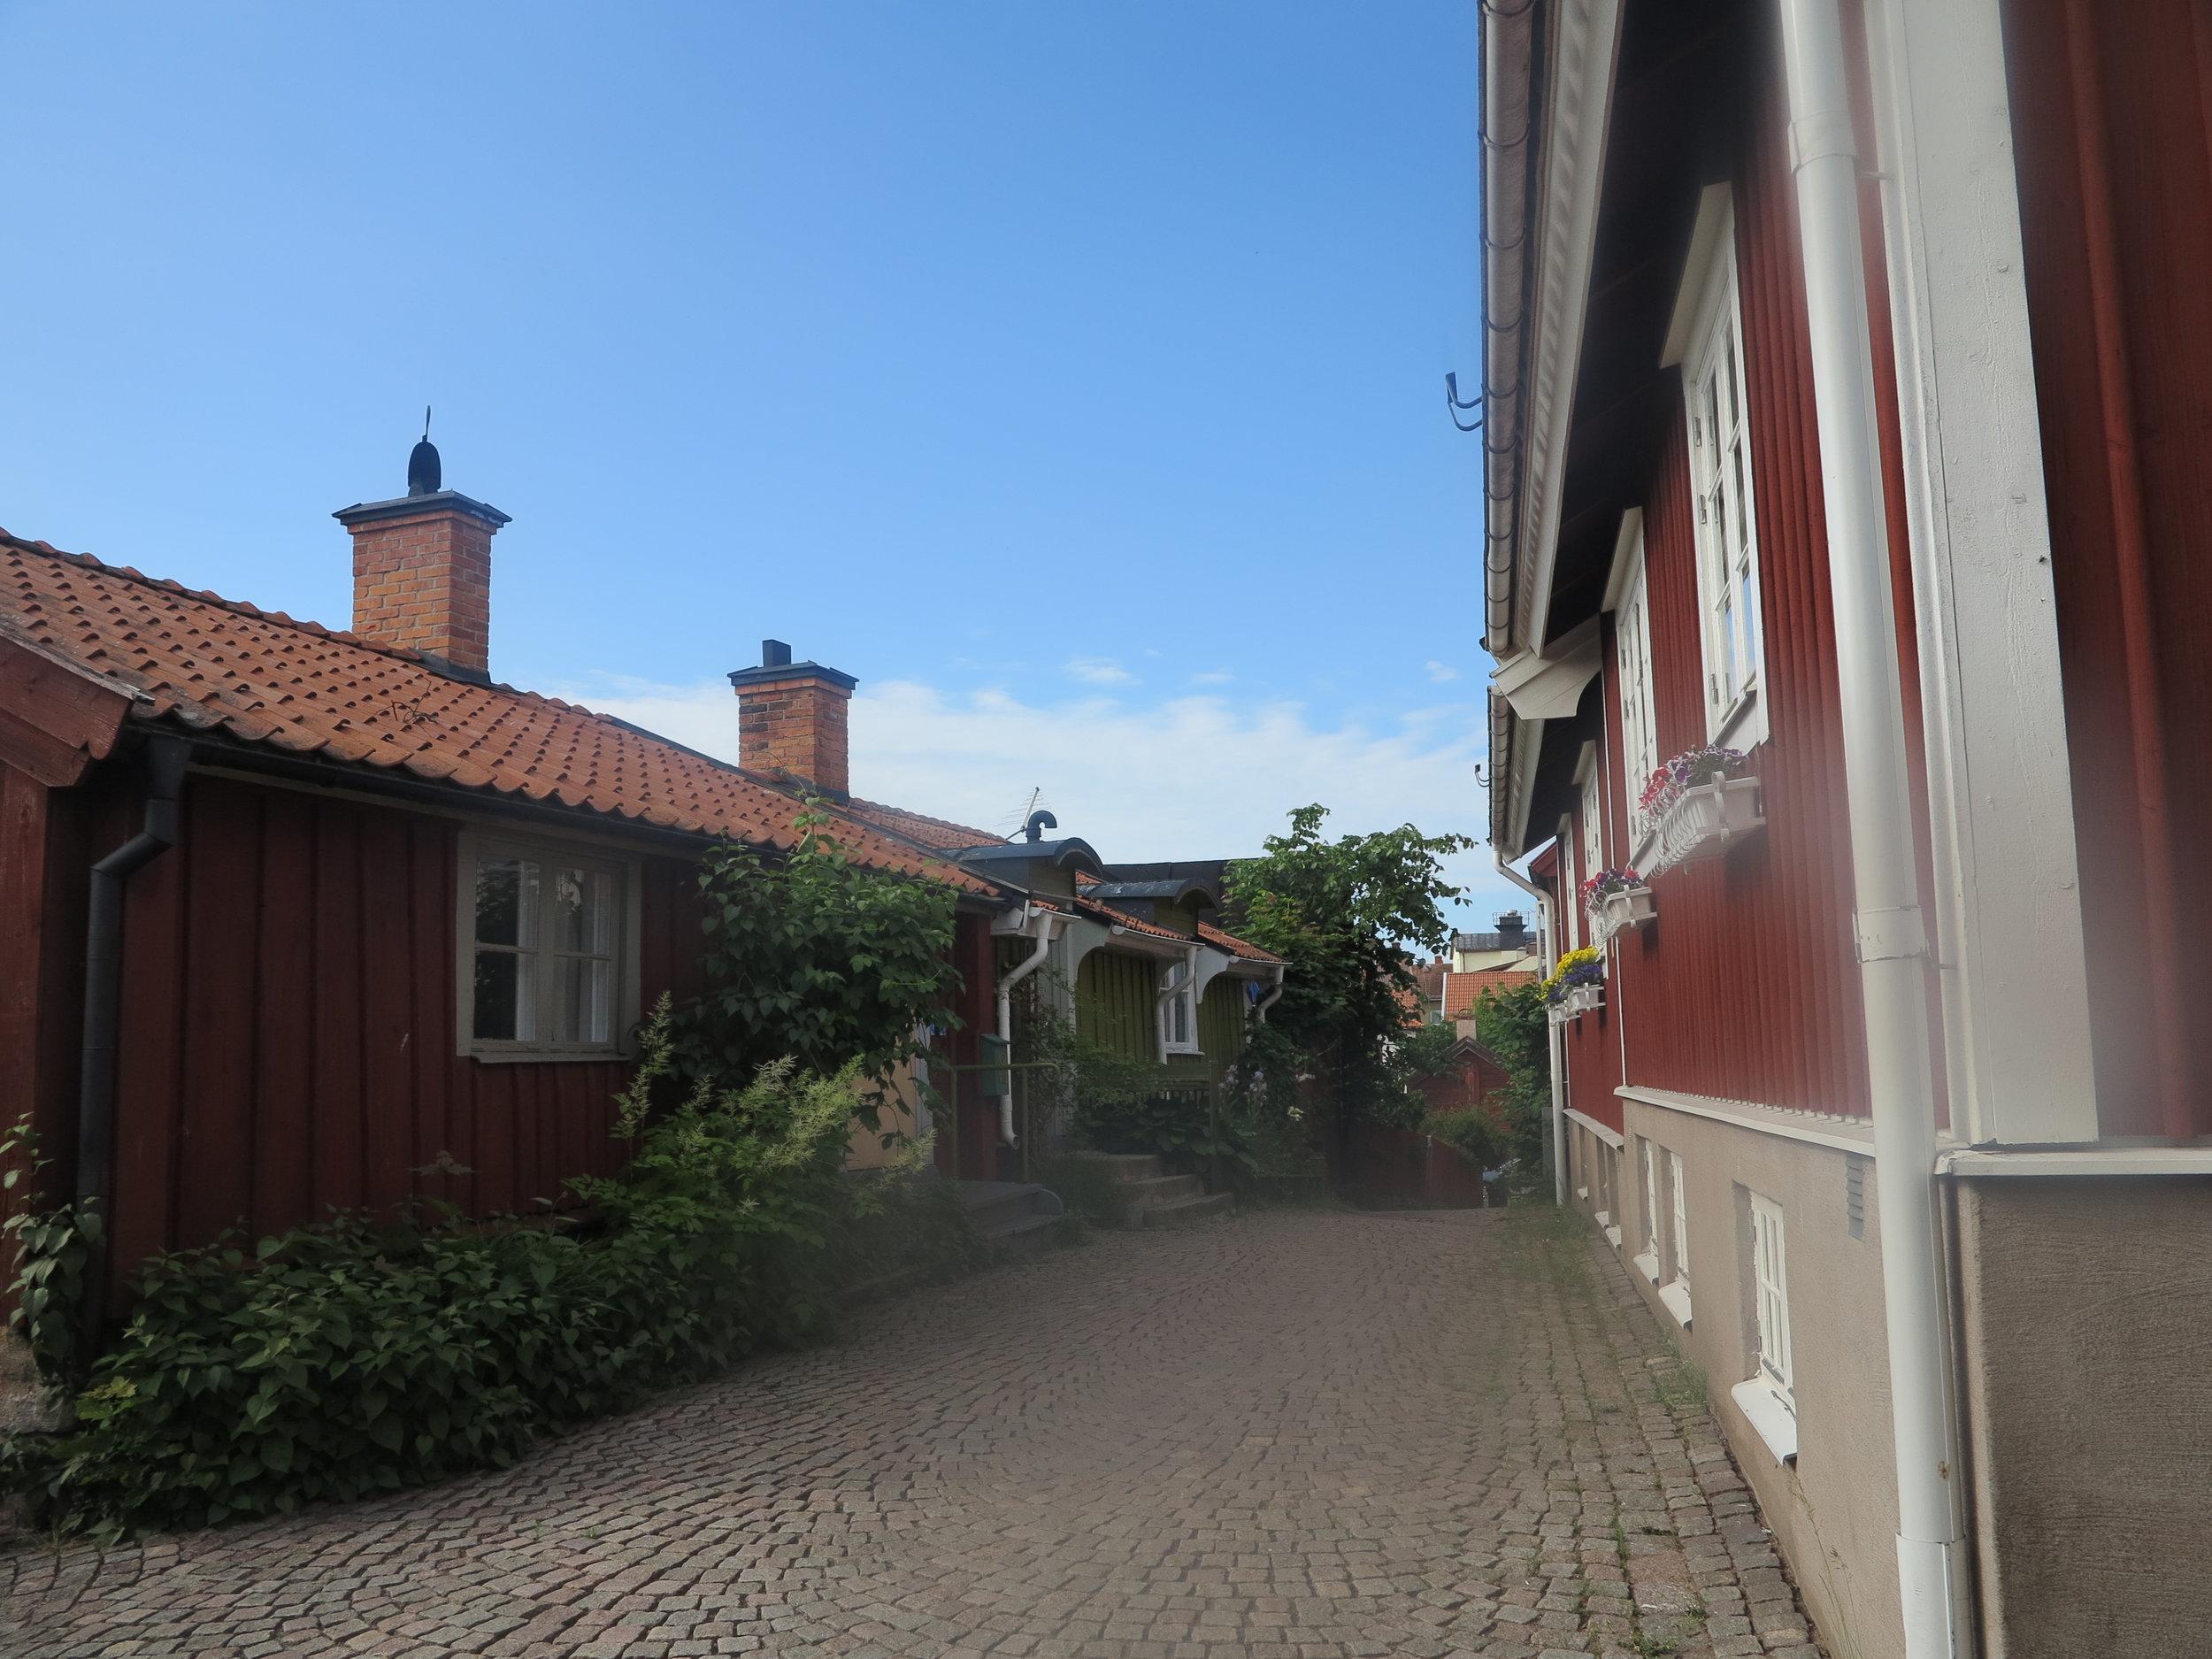 Dort irgendwo stand Astrid Lindgren und dachte sich Kalles Geschichte aus